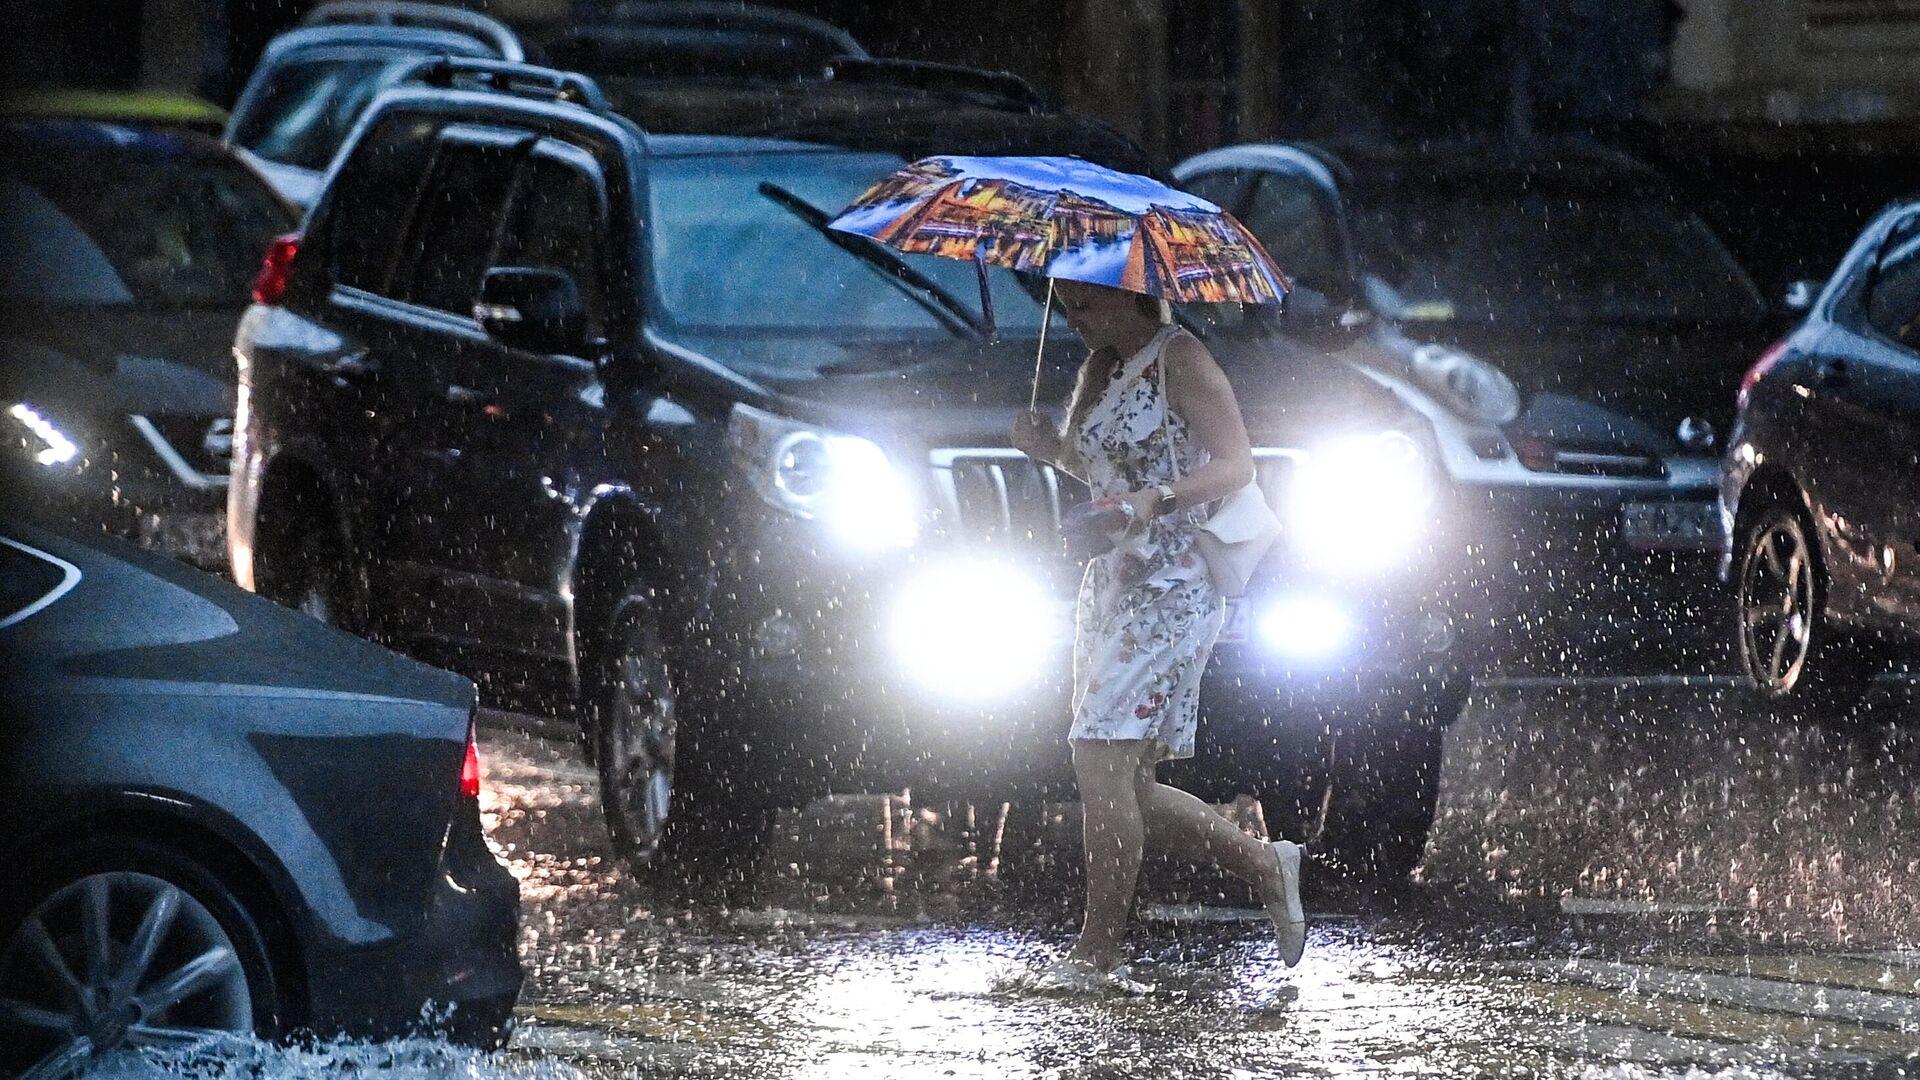 Девушка переходит дорогу на одной из улиц в Москве во время дождя - РИА Новости, 1920, 28.06.2021